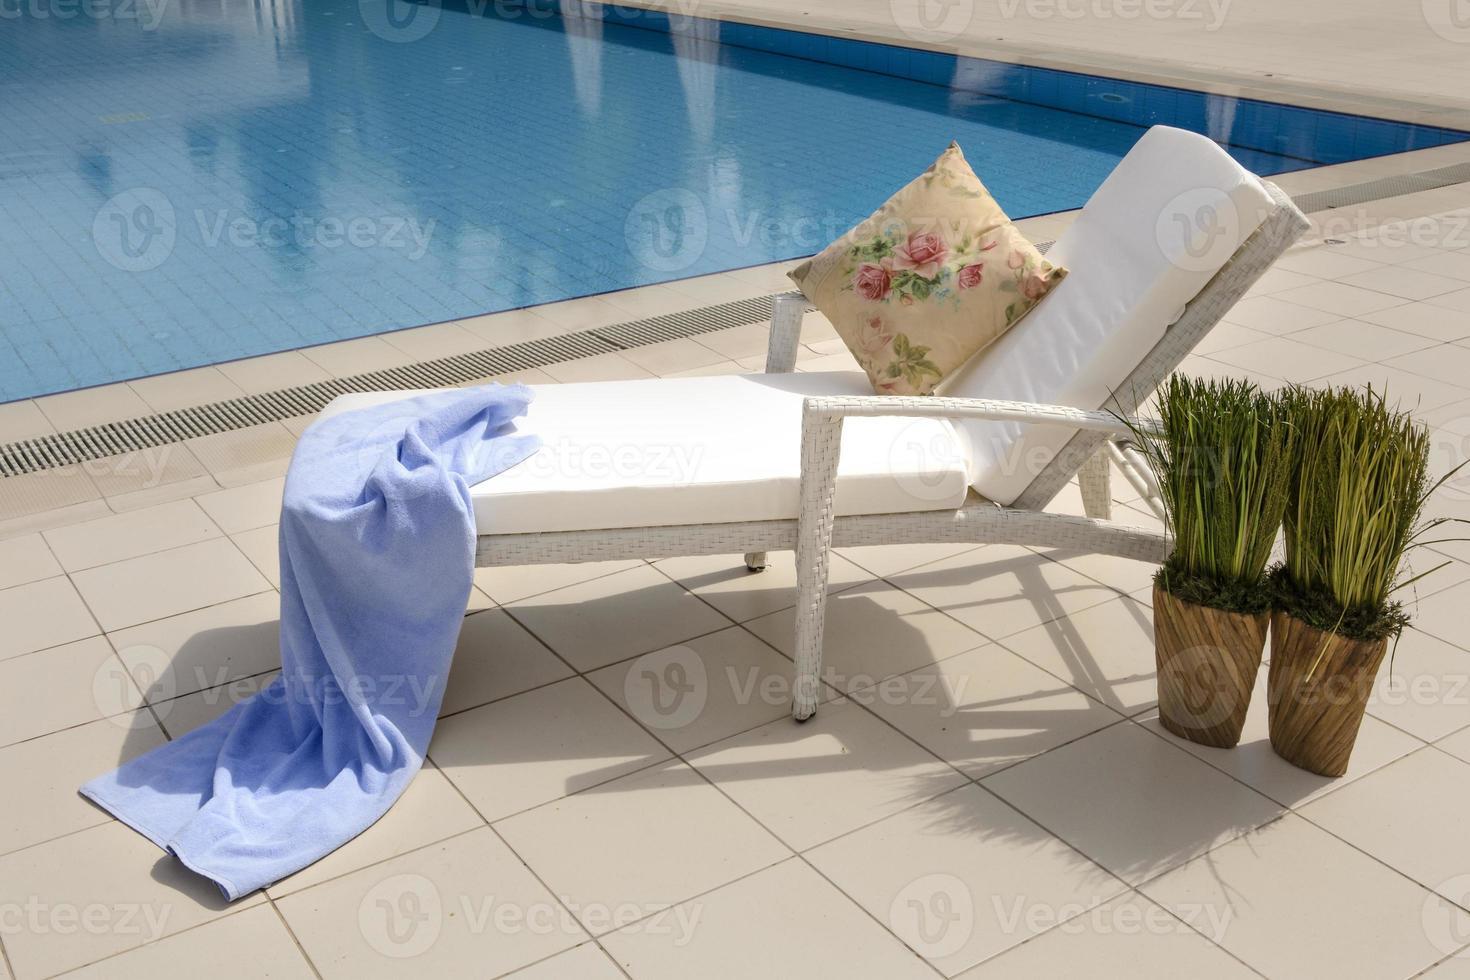 lettino accanto alla piscina in un hotel di lusso foto